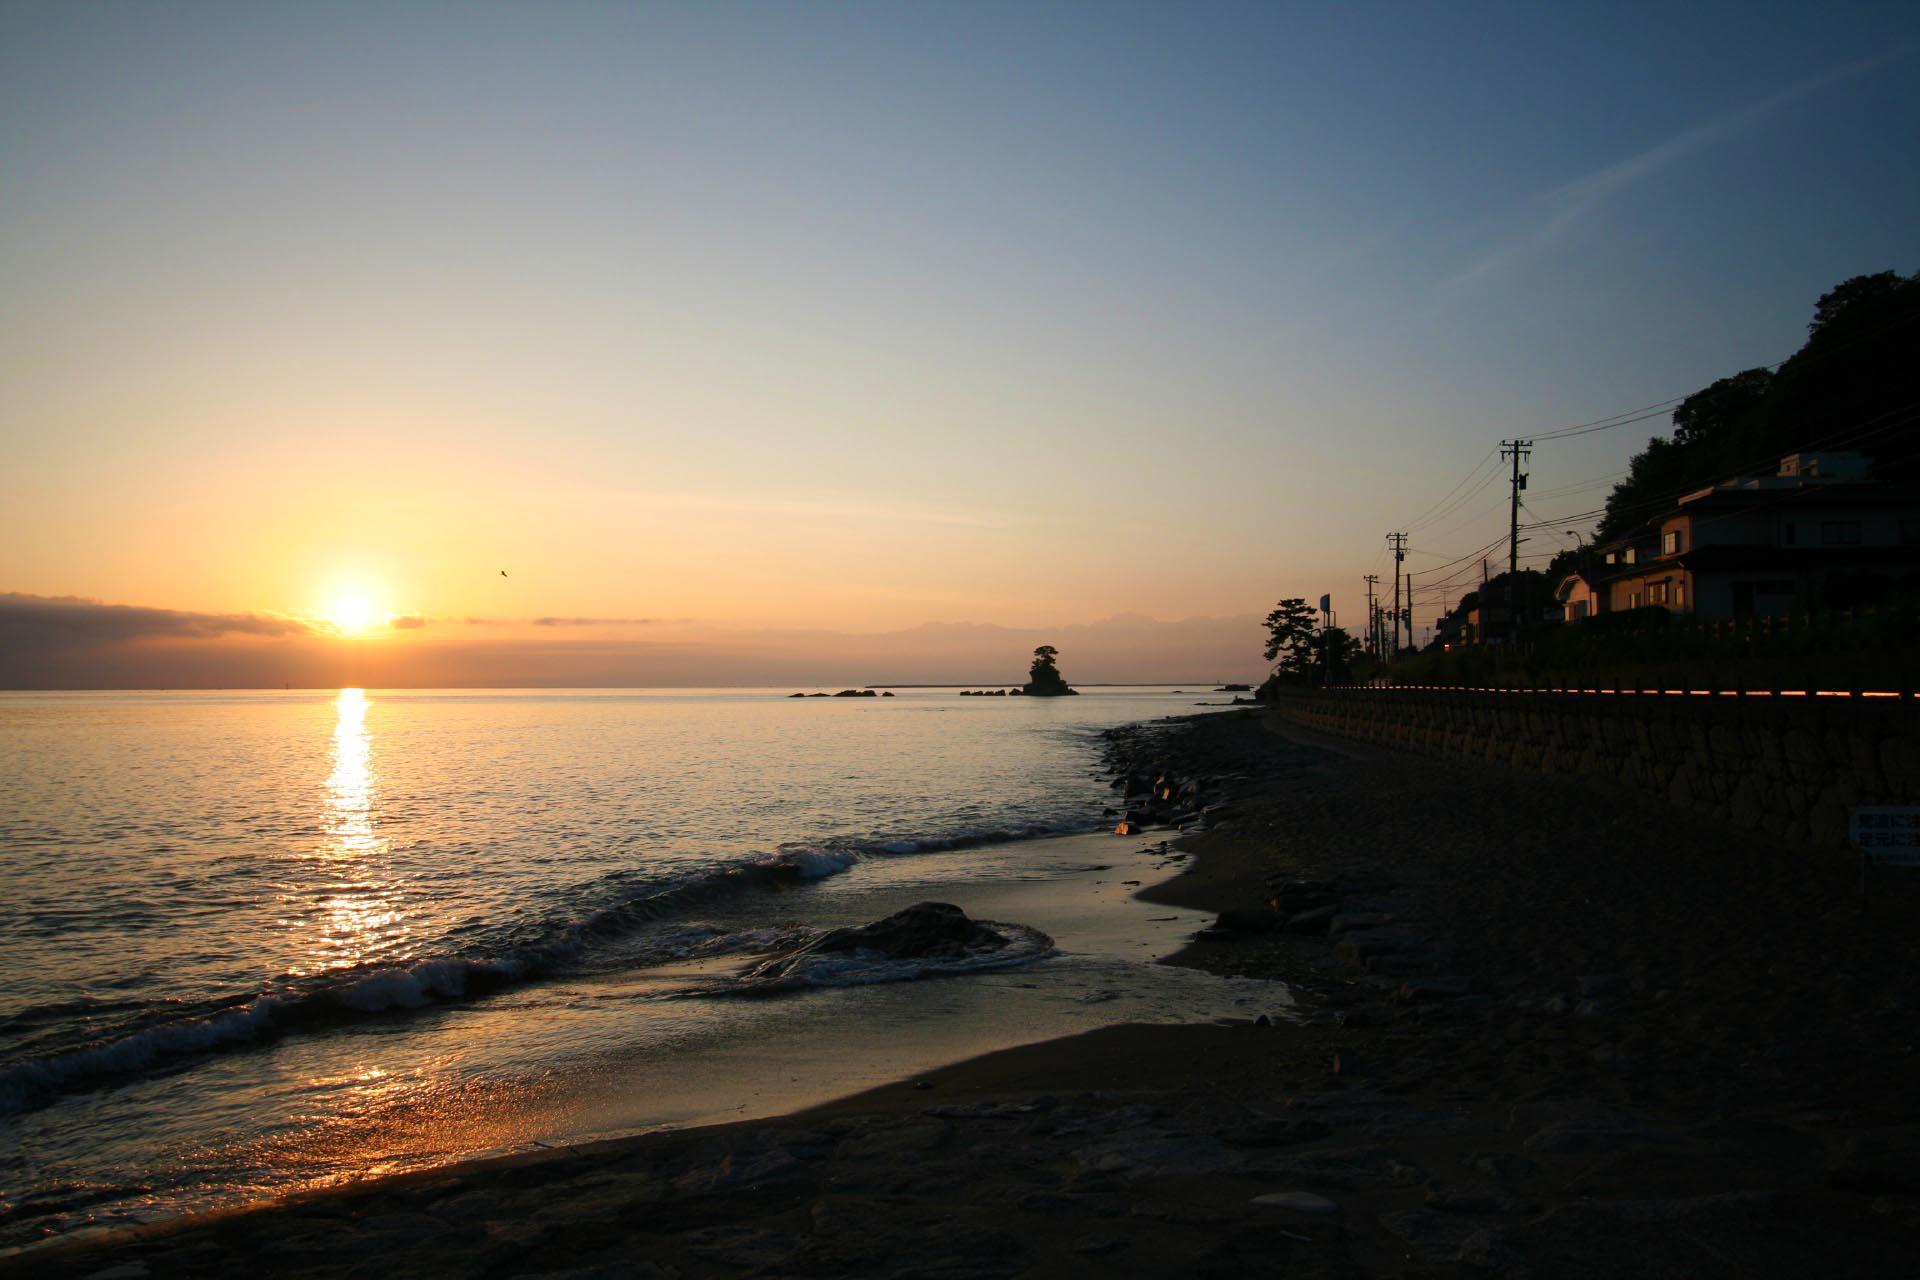 雨晴海岸の日の出の風景 富山の風景